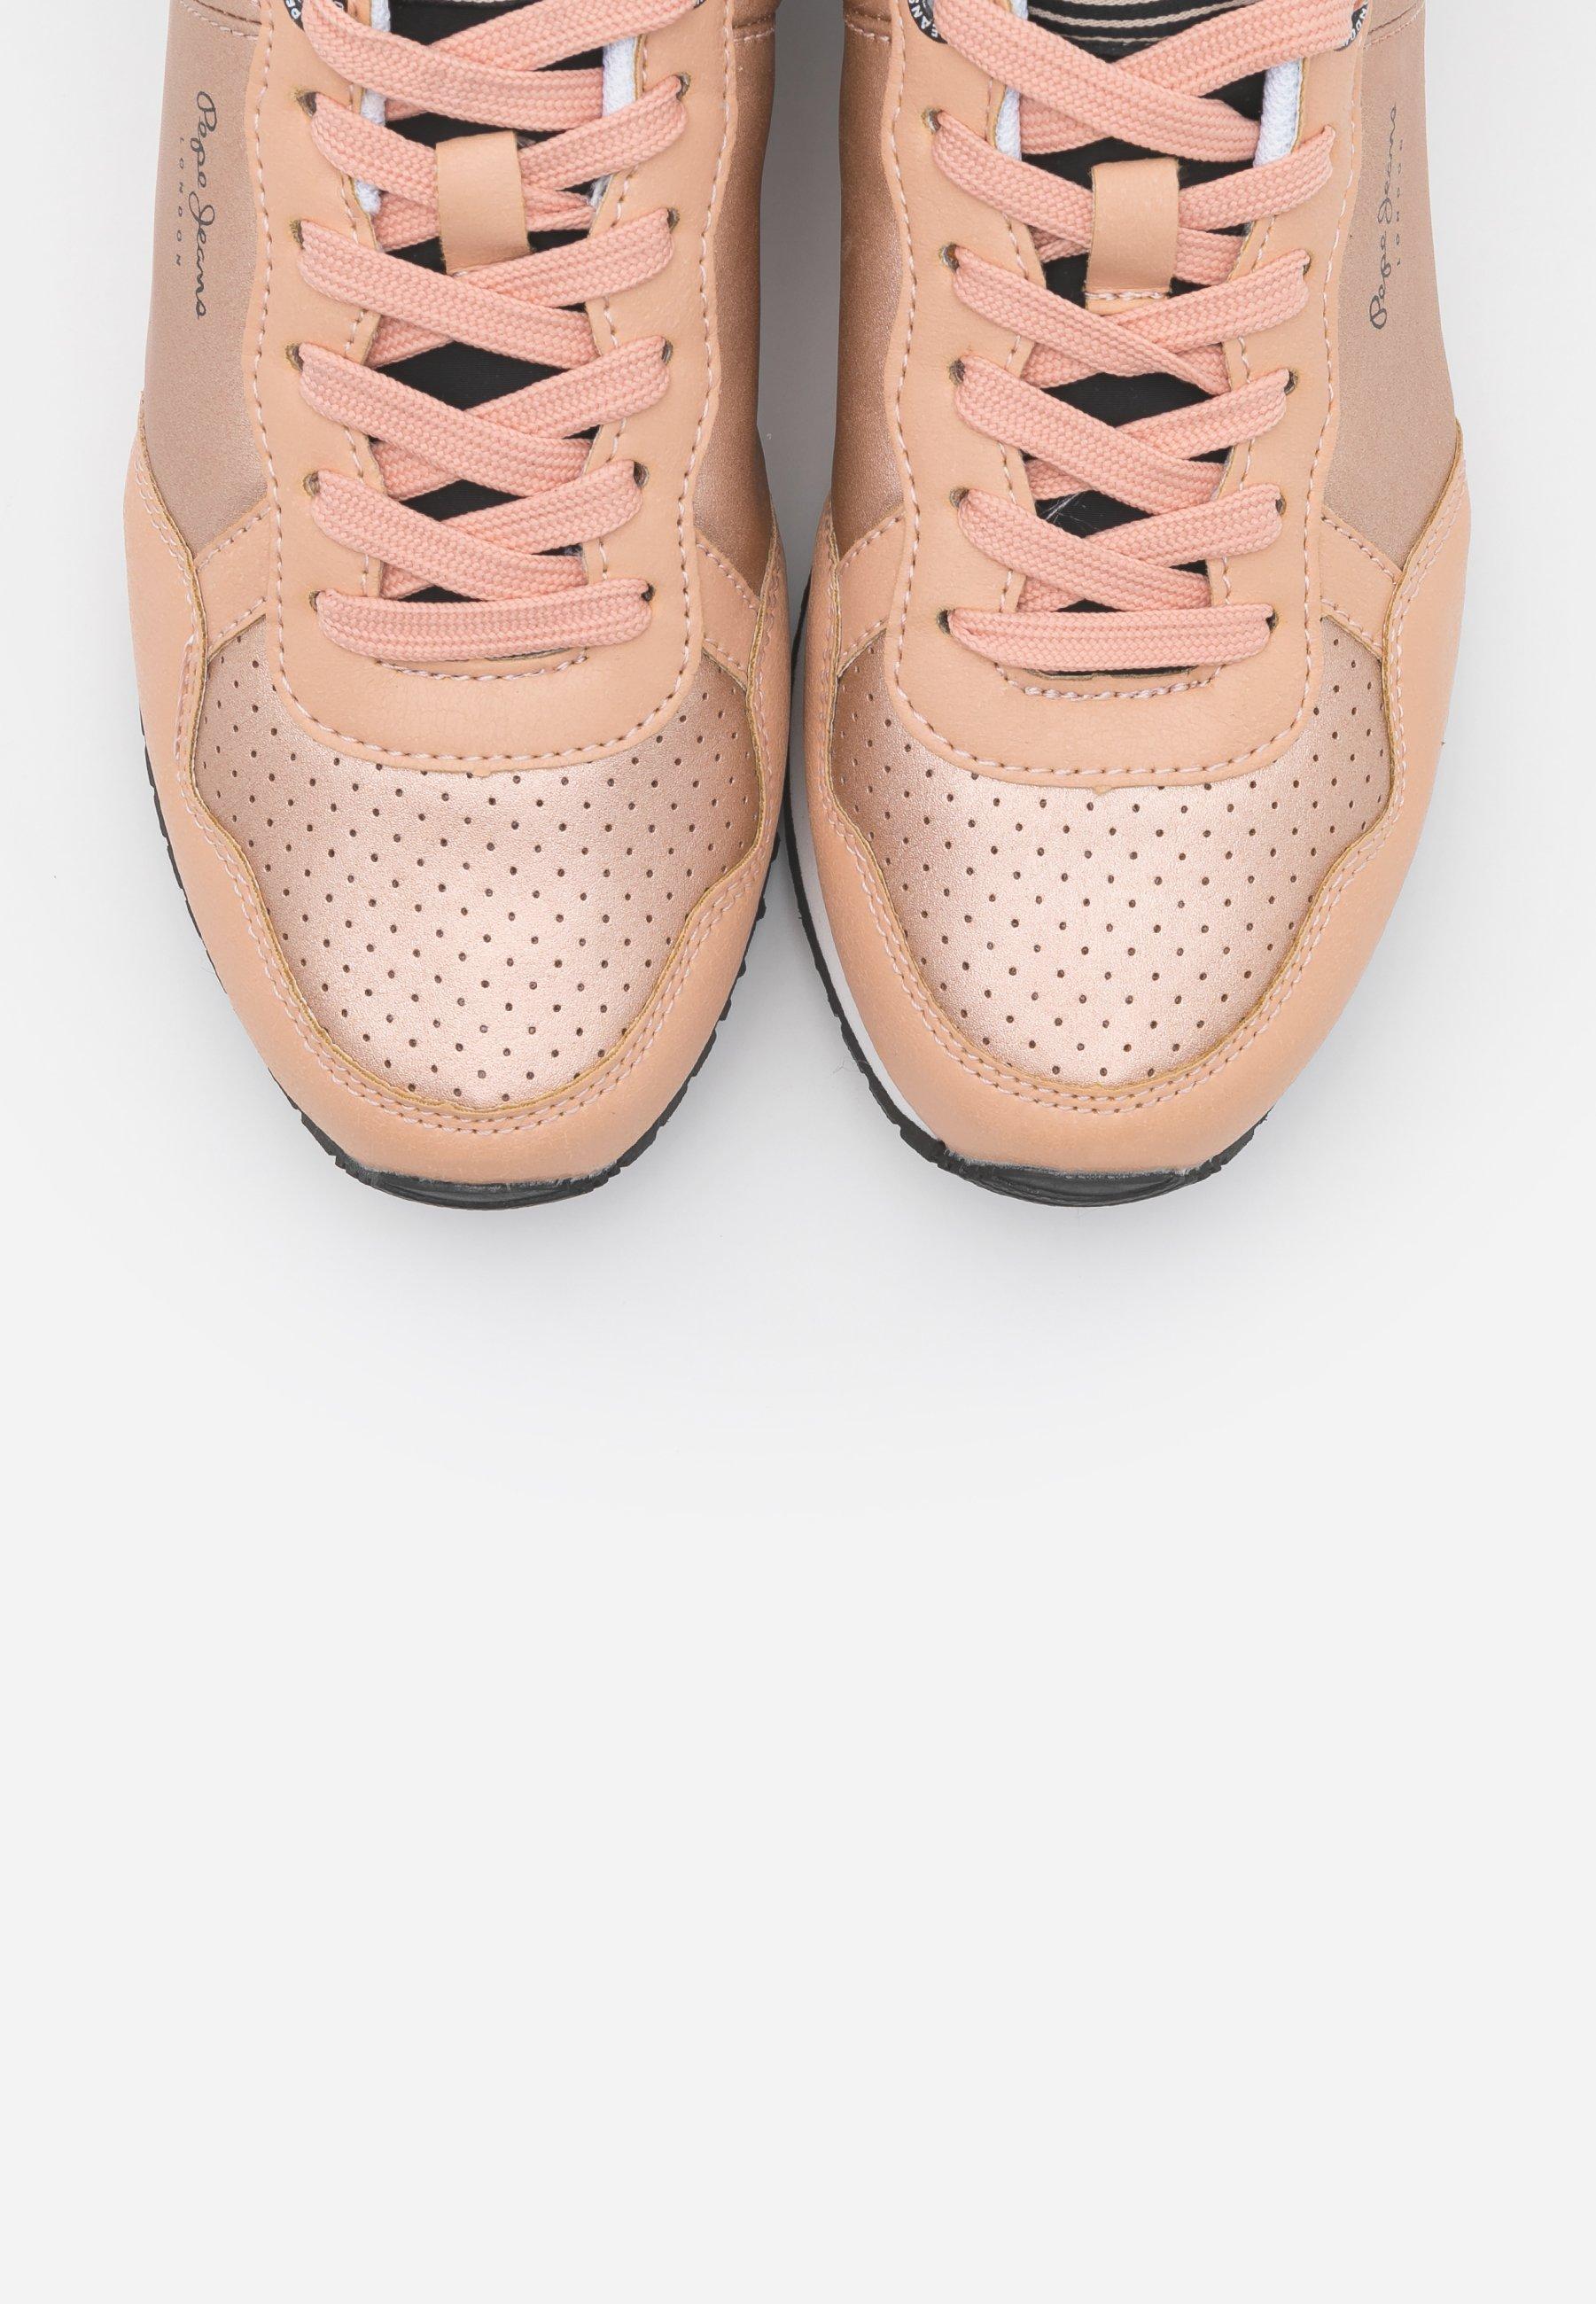 Pepe Jeans Archie Noon - Sneakers Dark Peach